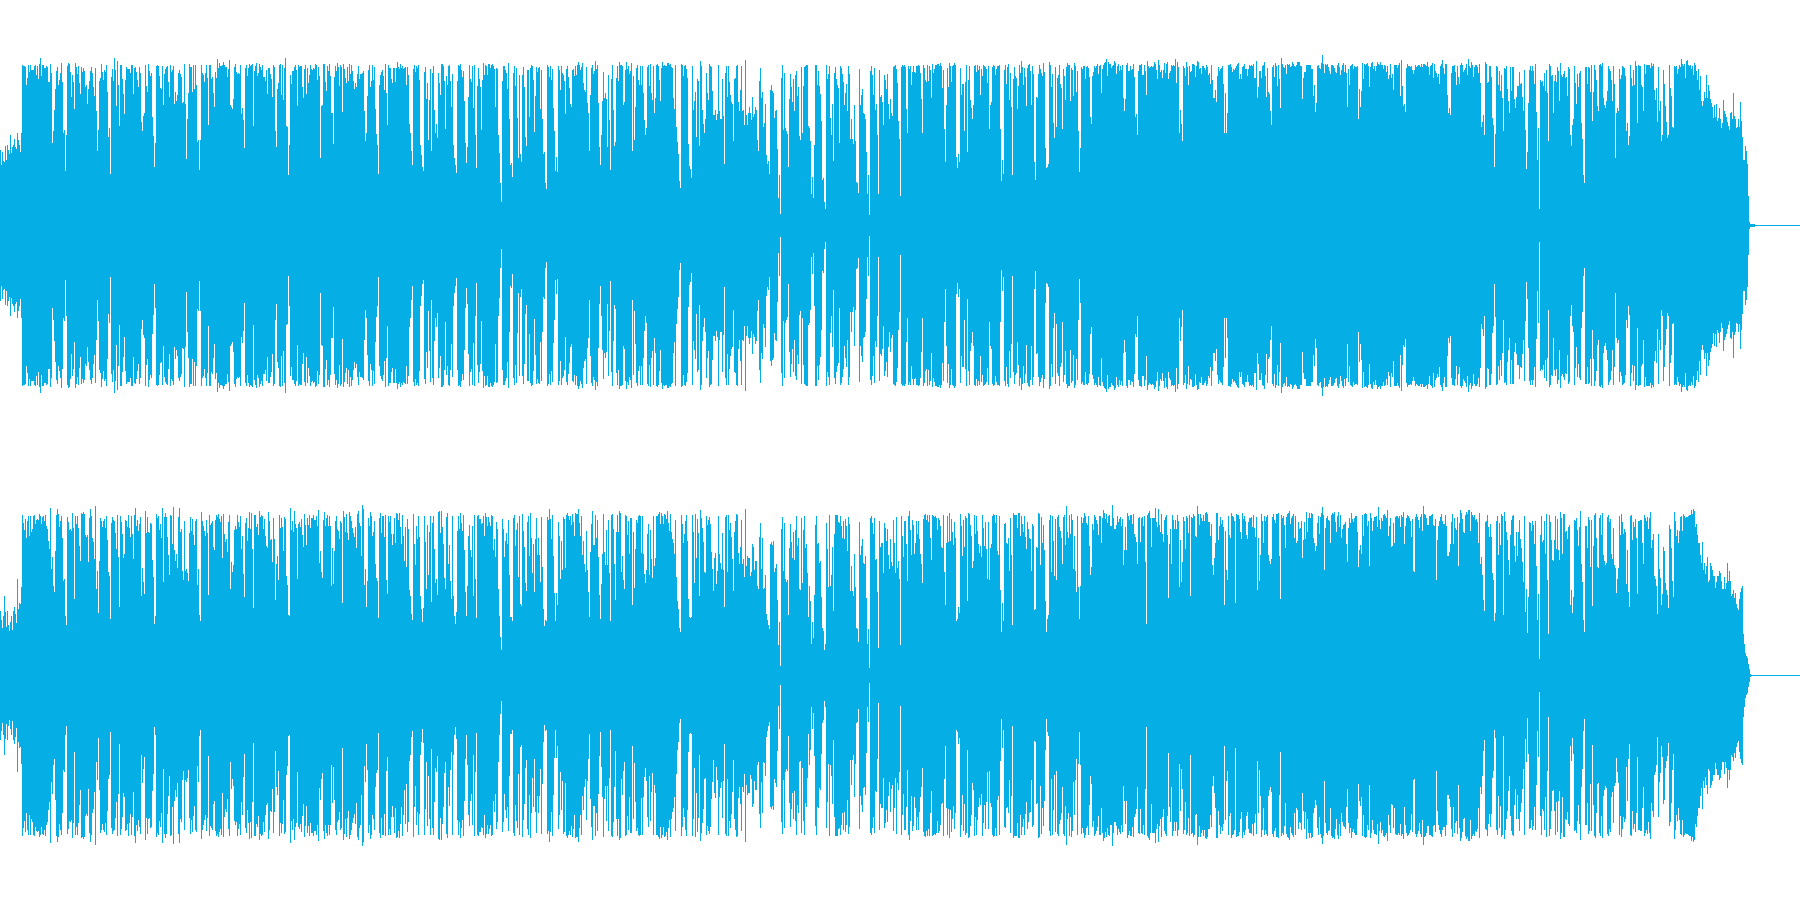 目が覚めるほどのハードロックの再生済みの波形